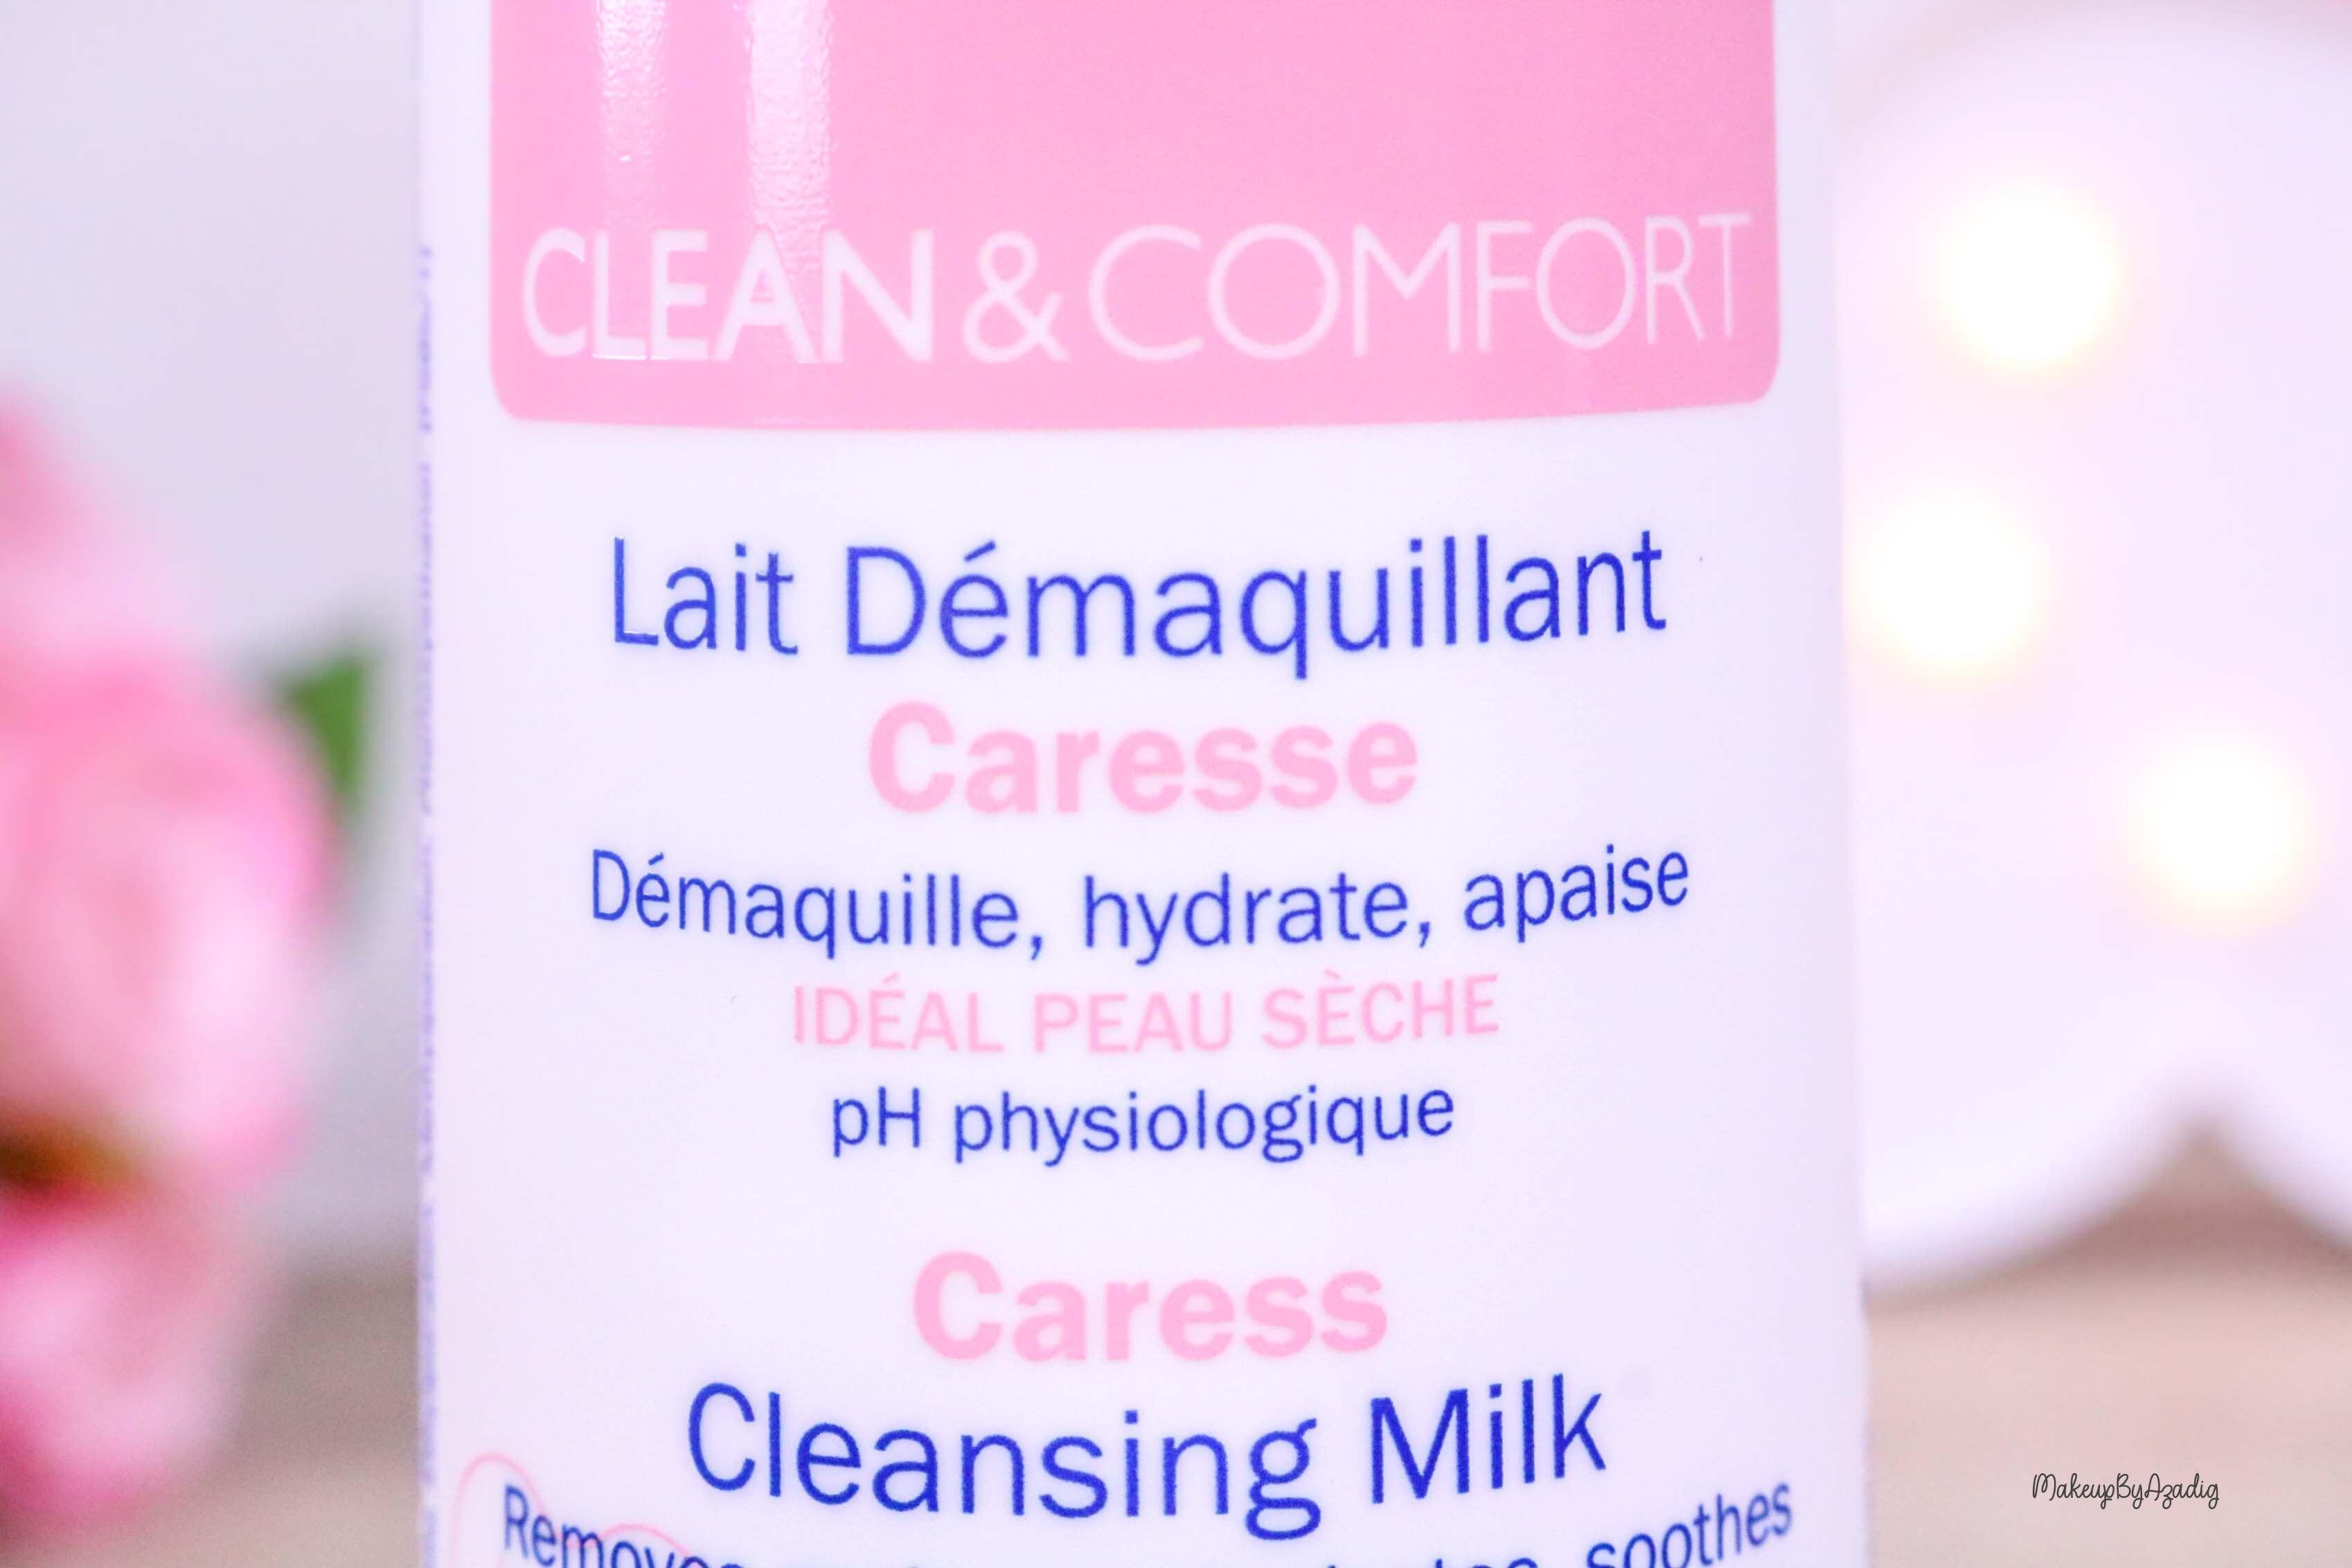 revue-routine-demaquillage-soin-confort-mavala-suisse-clean-lotion-tonique-lait-eau-micellaire-makeupbyazadig-peau-seche